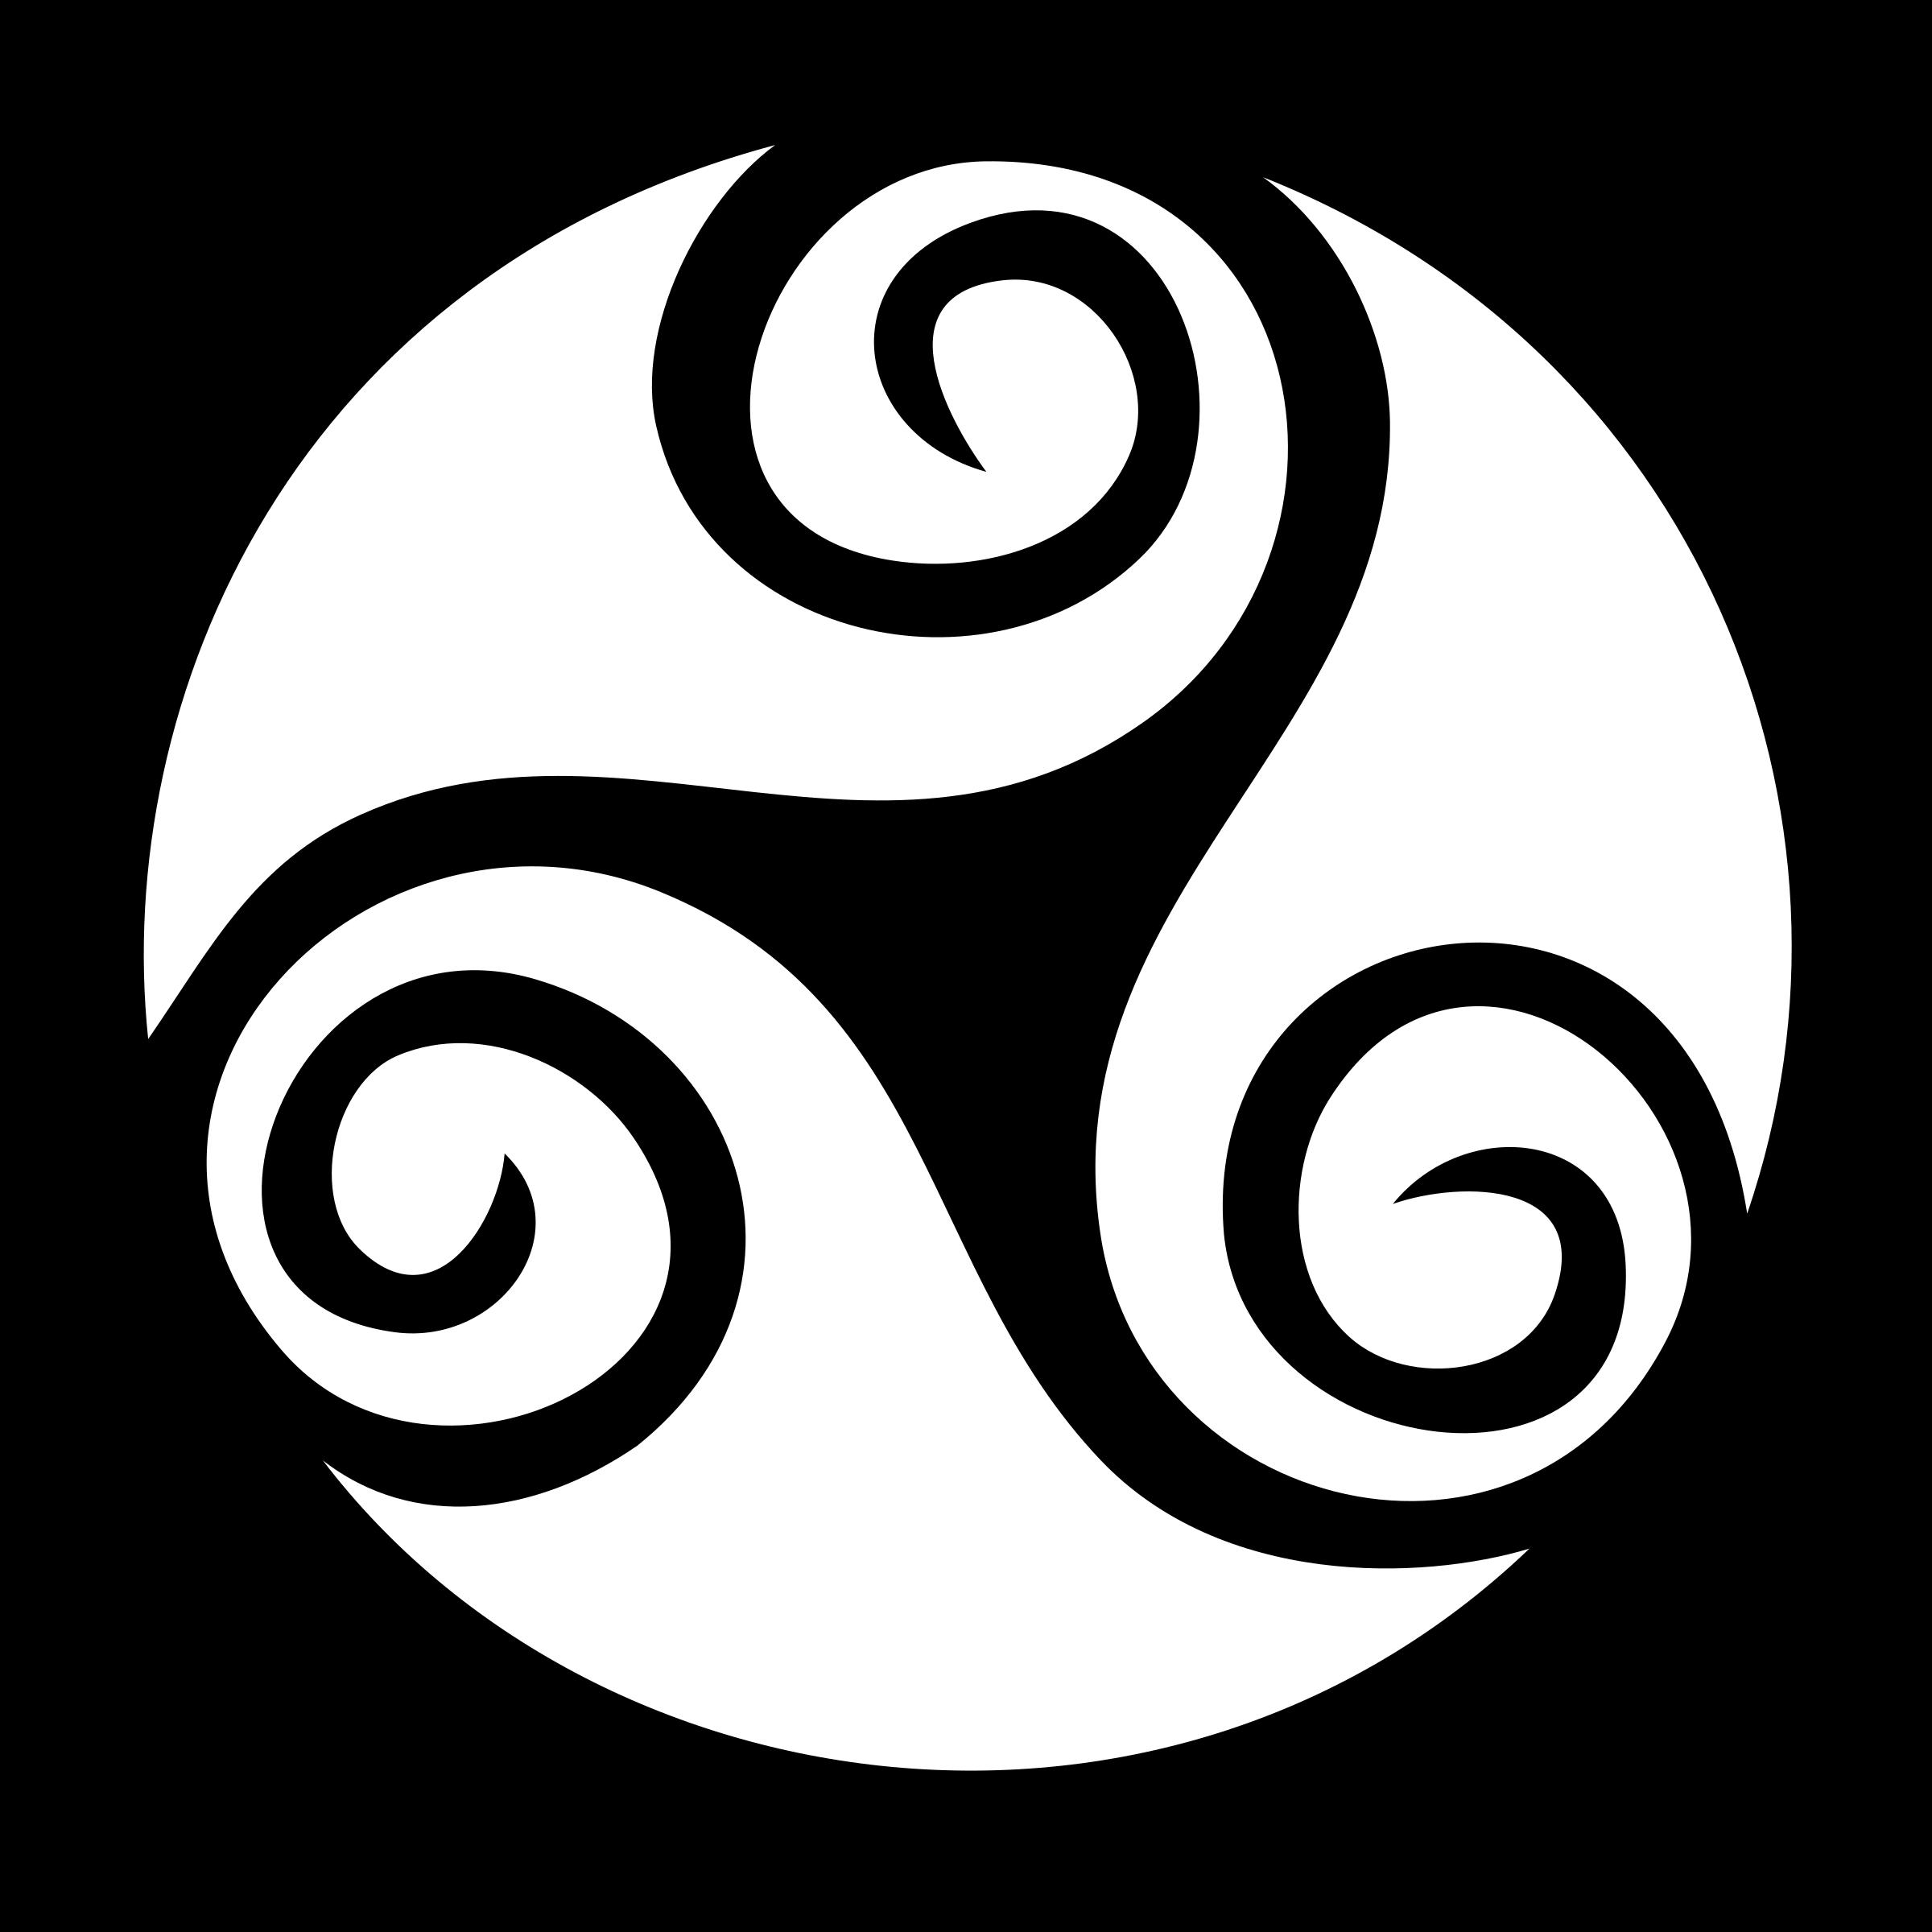 celtic-triskell